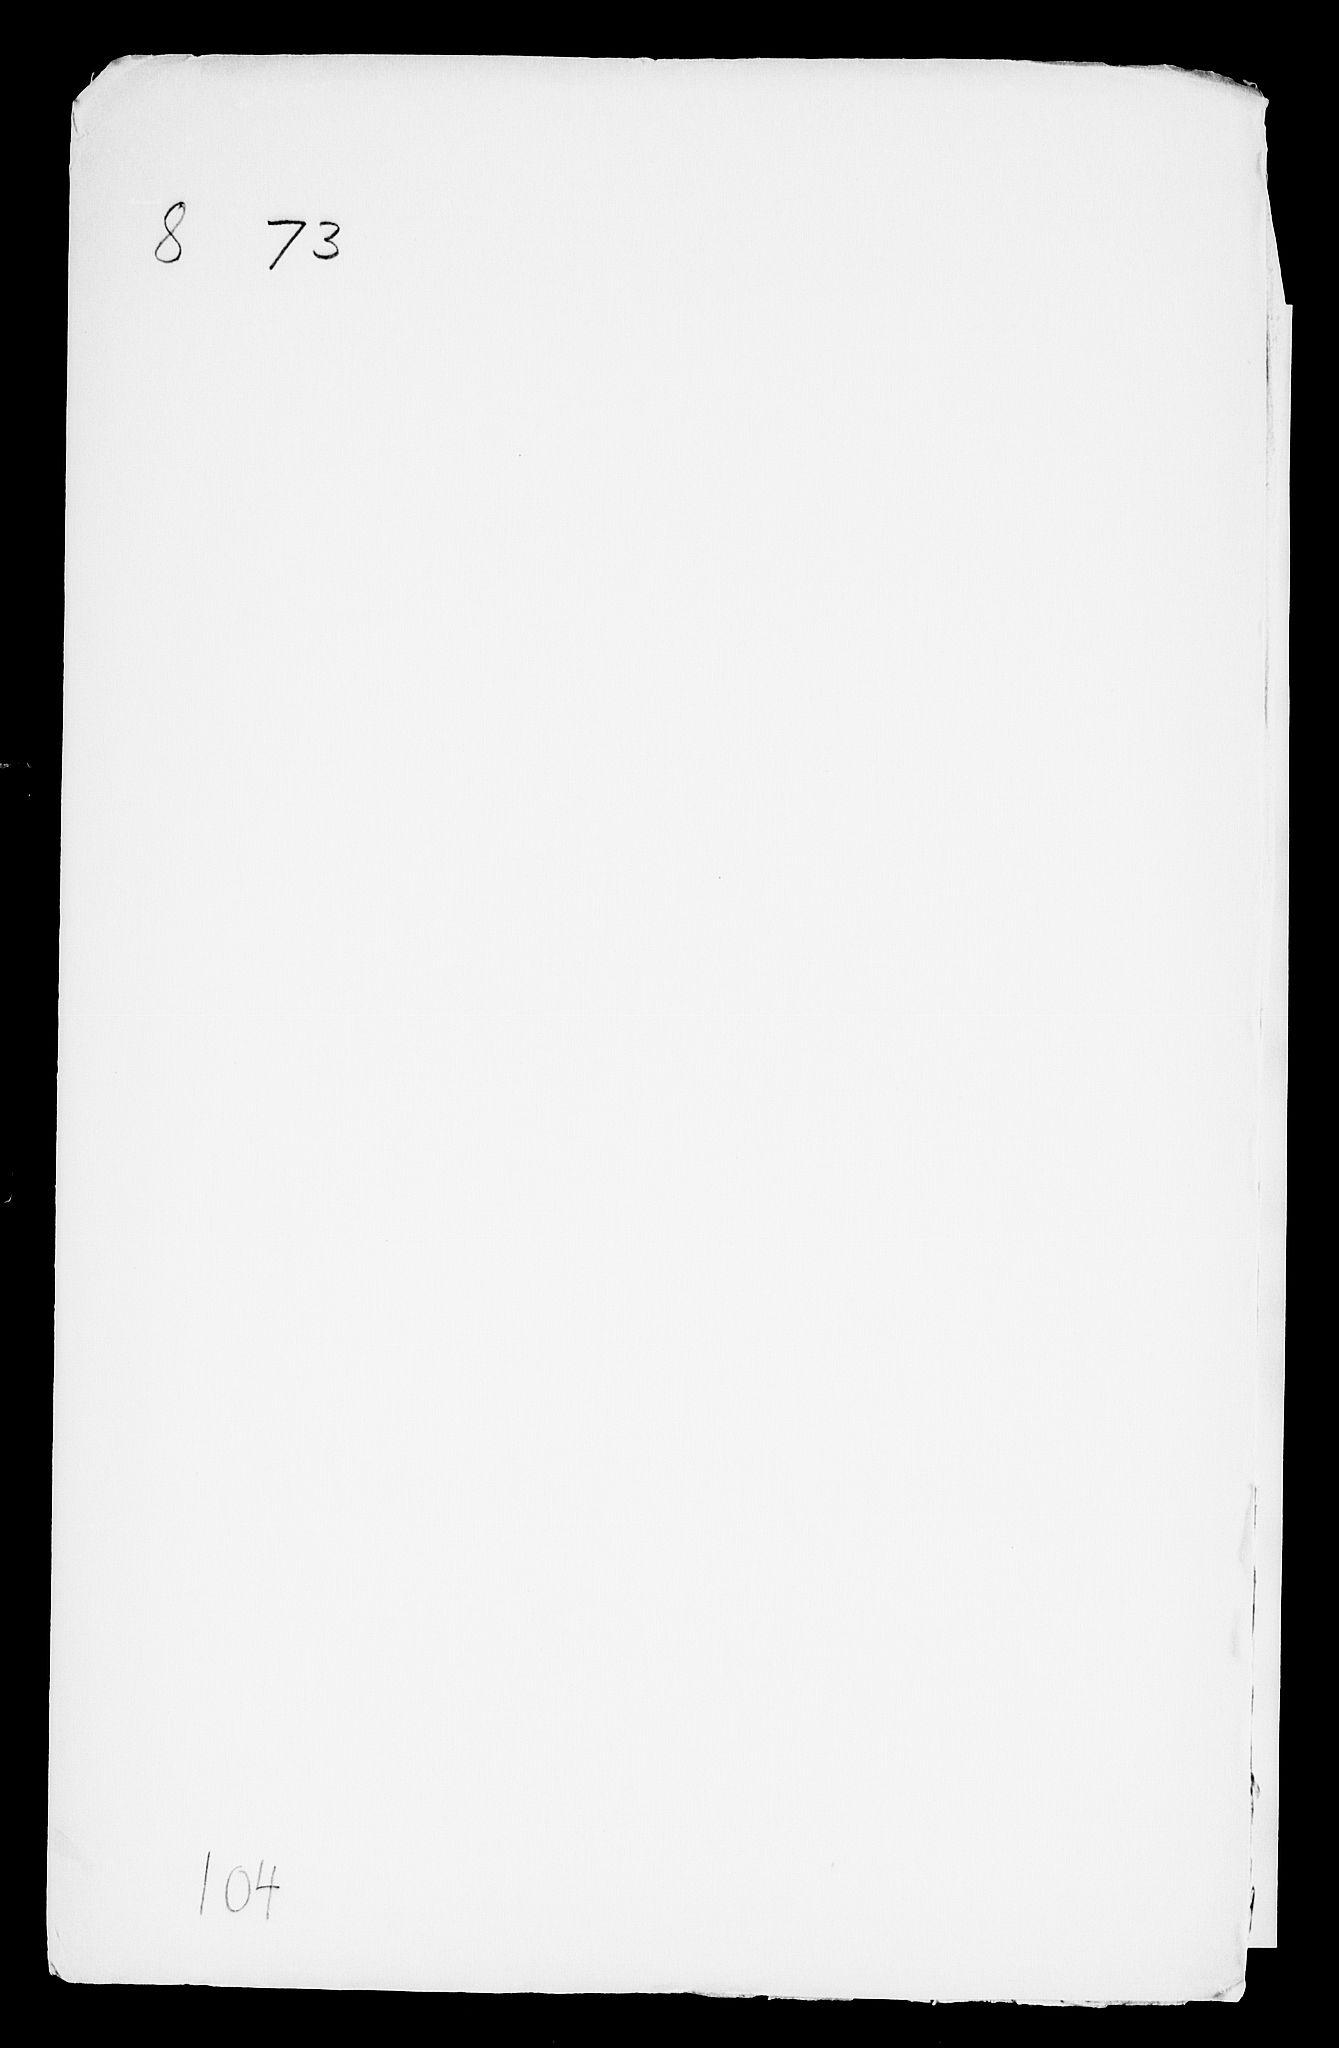 RA, Danske Kanselli, Skapsaker, F/L0003: Skap 8, pakke 73-95, 1616-1691, s. 2